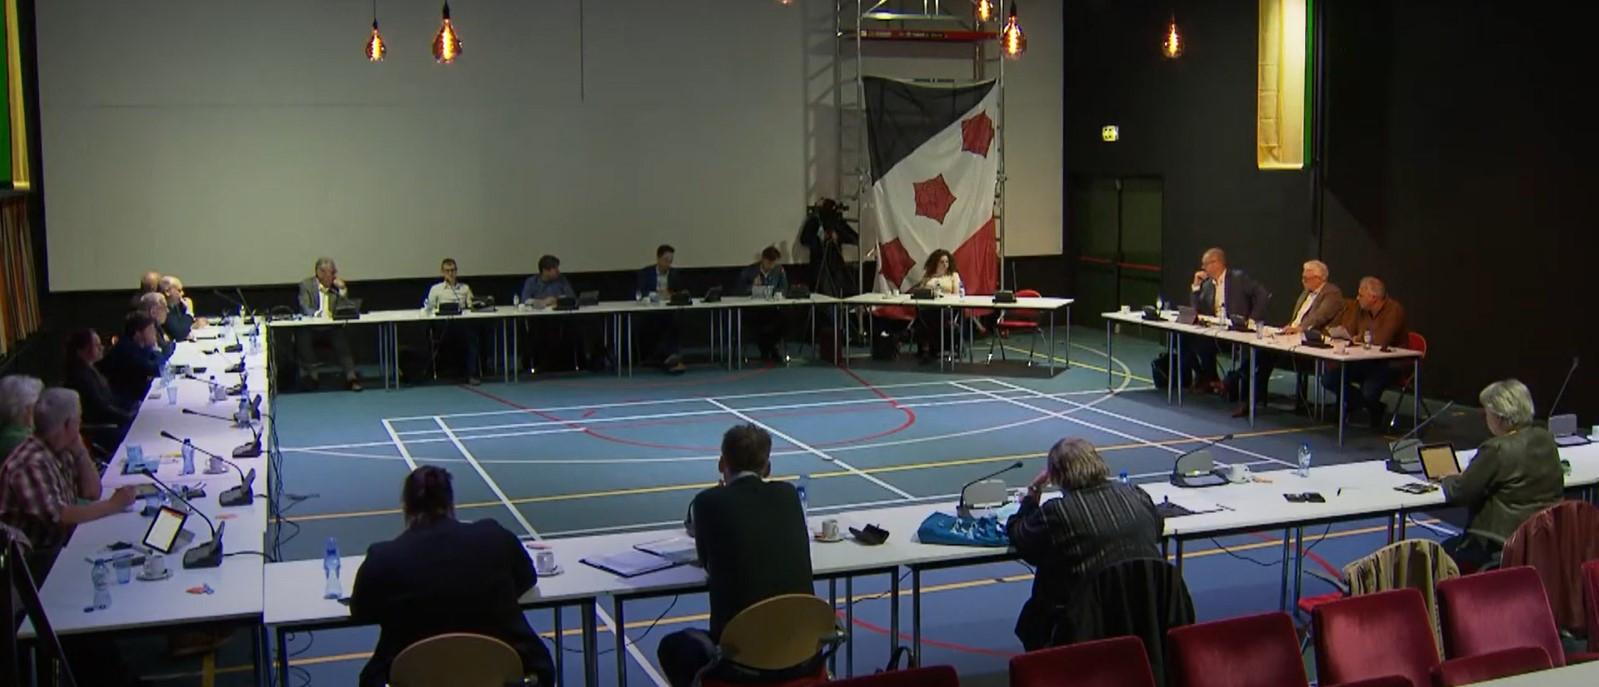 De Roosendaalse gemeenteraad telt op dit moment elf fracties. En die versnippering komt belang van de Roosendalers niet ten goede, vinden PvdA, GroenLinks, D66 en Lokaal Sociaal 21. Vandaar dat die vier partijen wat inniger gaan samenwerken.